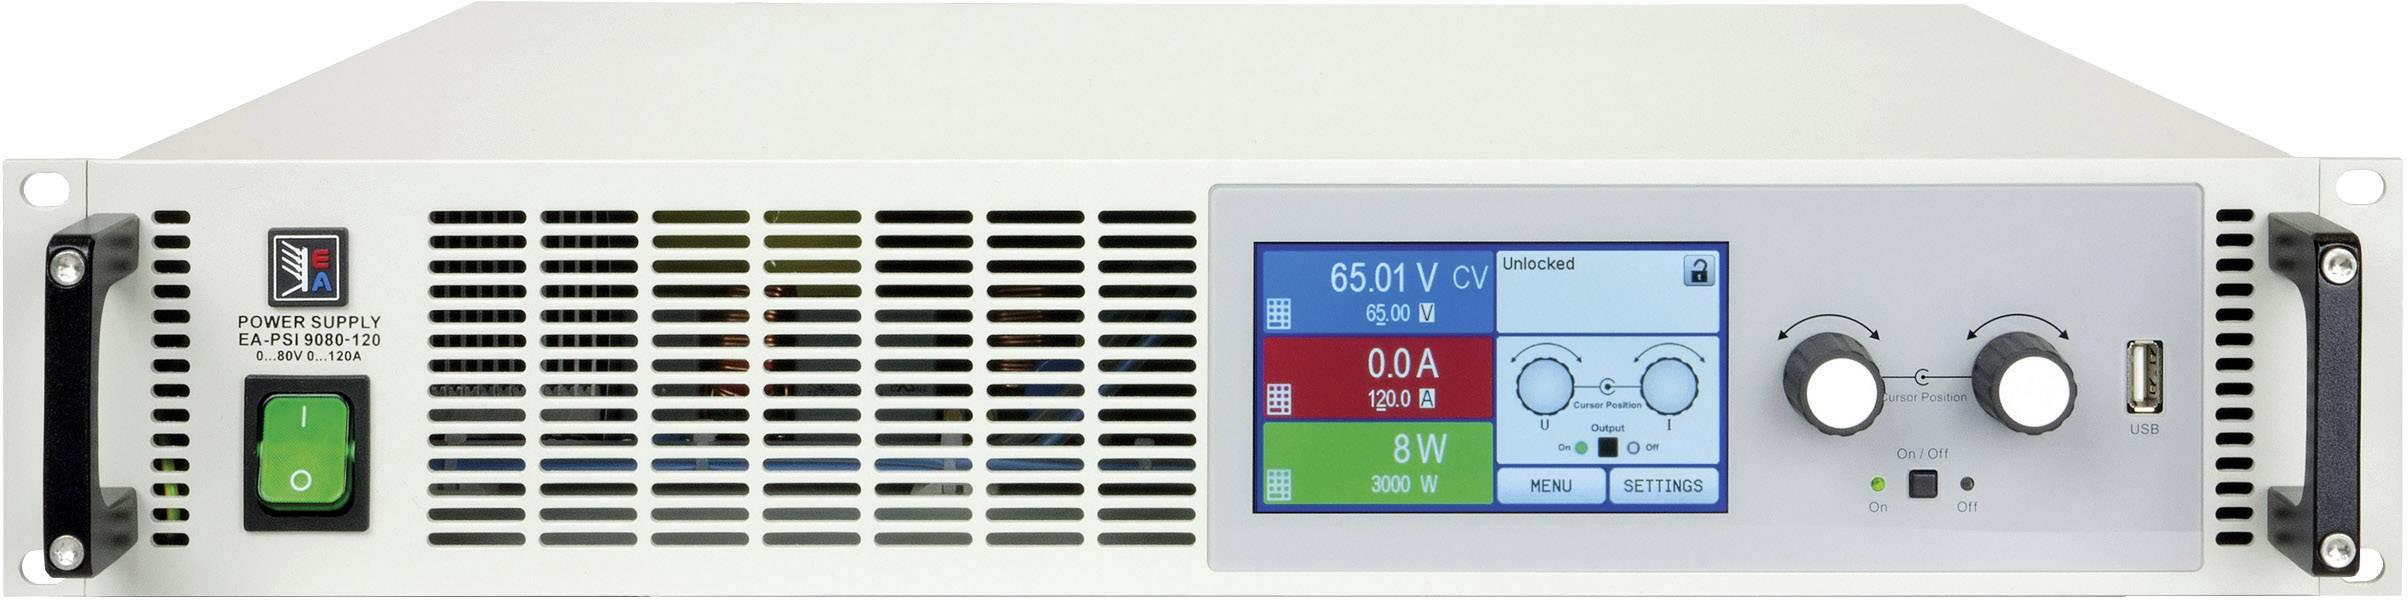 Programovateľný laboratórny zdroj EA EA-PSI 9080-120, 2U, 80 V, 120 A, 3000 W, USB